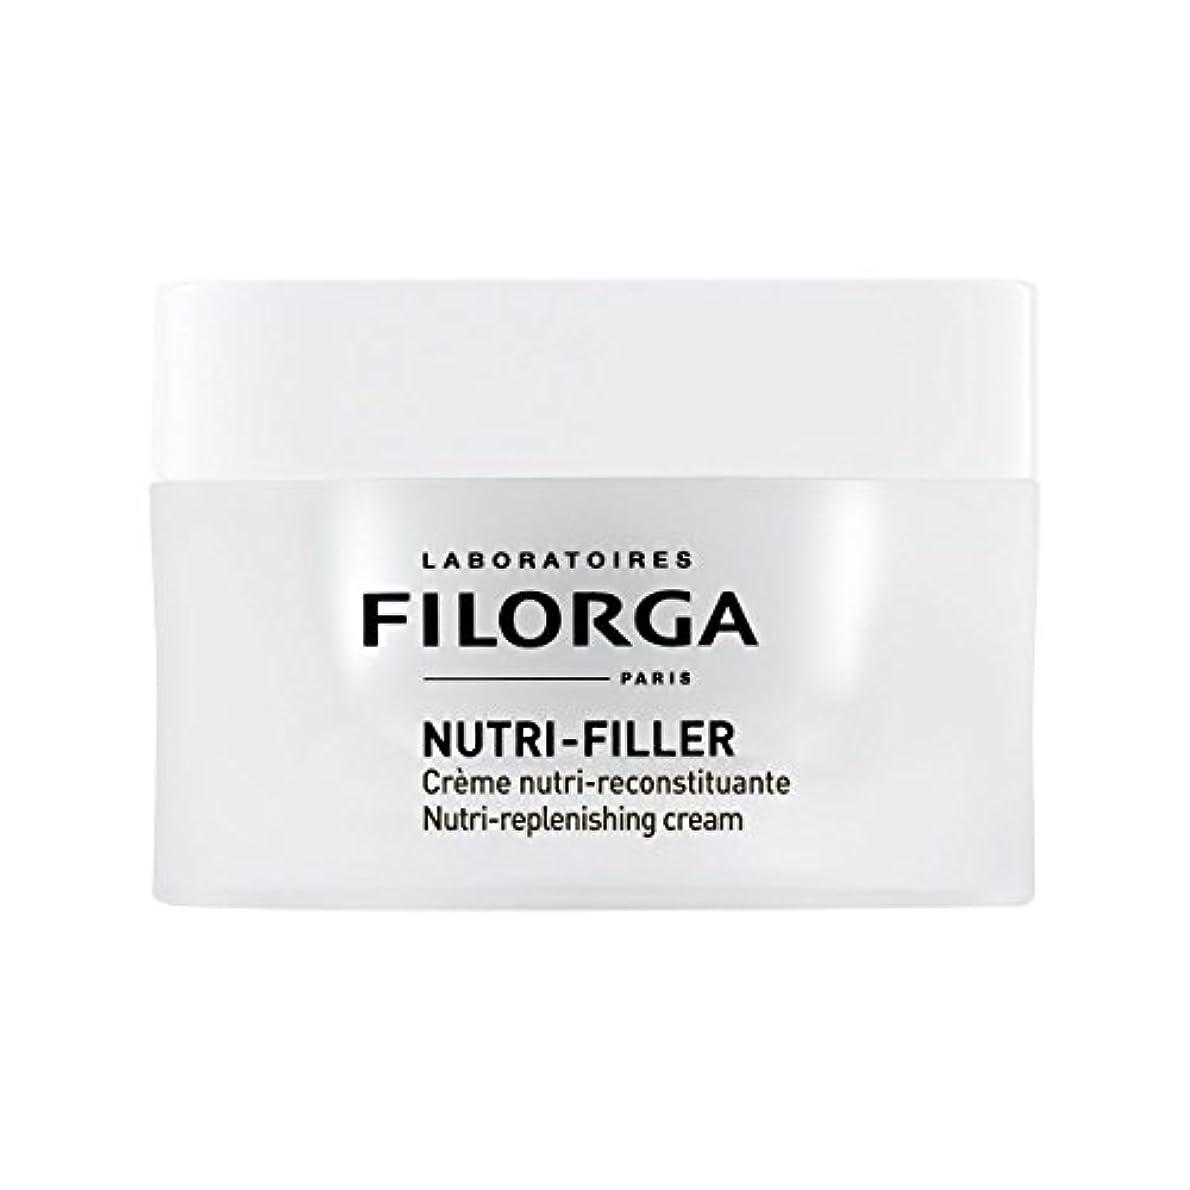 寄生虫脅かす葉巻Filorga Nutri-filler Nutri-replenishing Cream 50ml [並行輸入品]